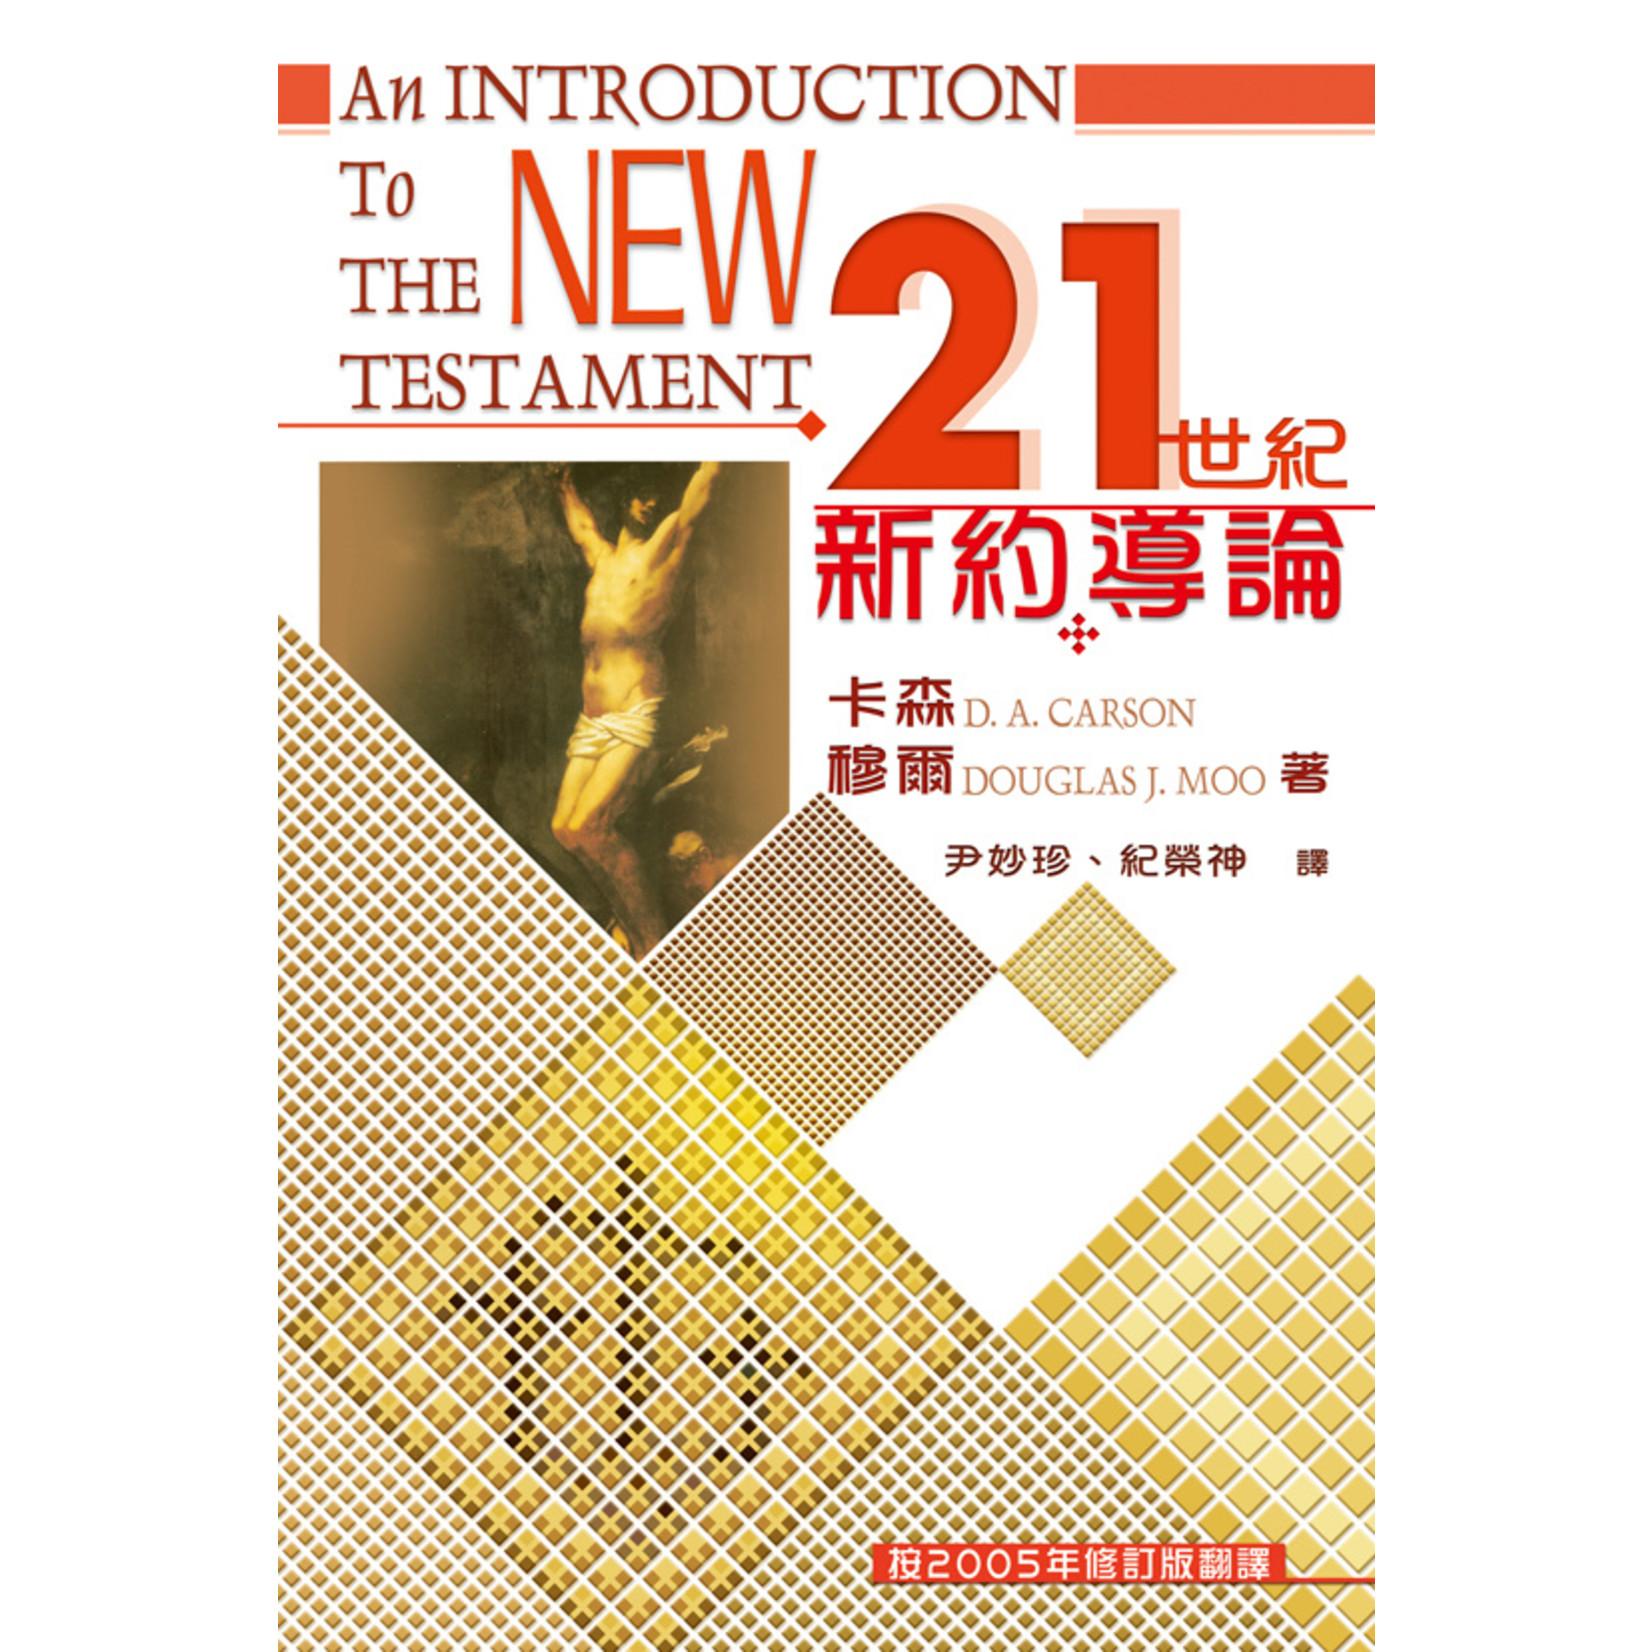 天道書樓 Tien Dao Publishing House 21世紀新約導論 An Introduction to the New Testament